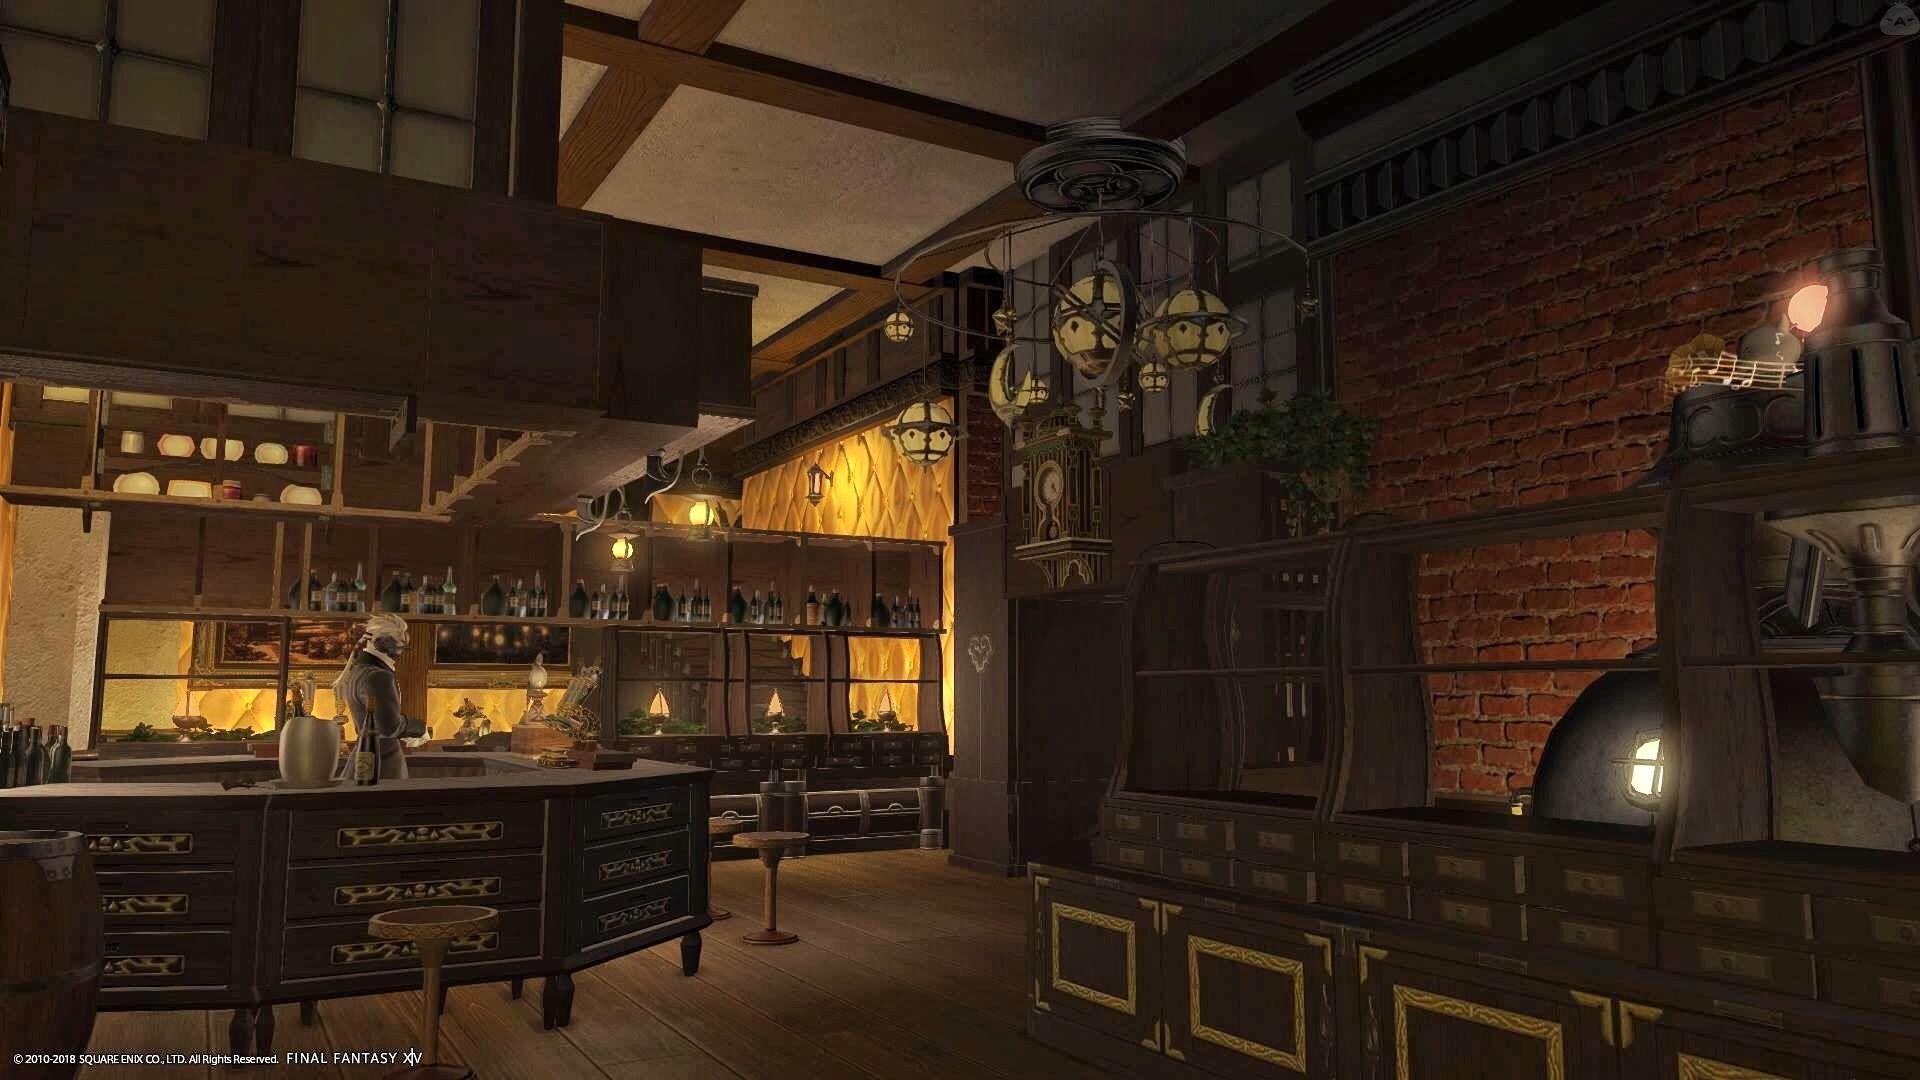 British Pub ファンタジーハウス カフェ内装 内装